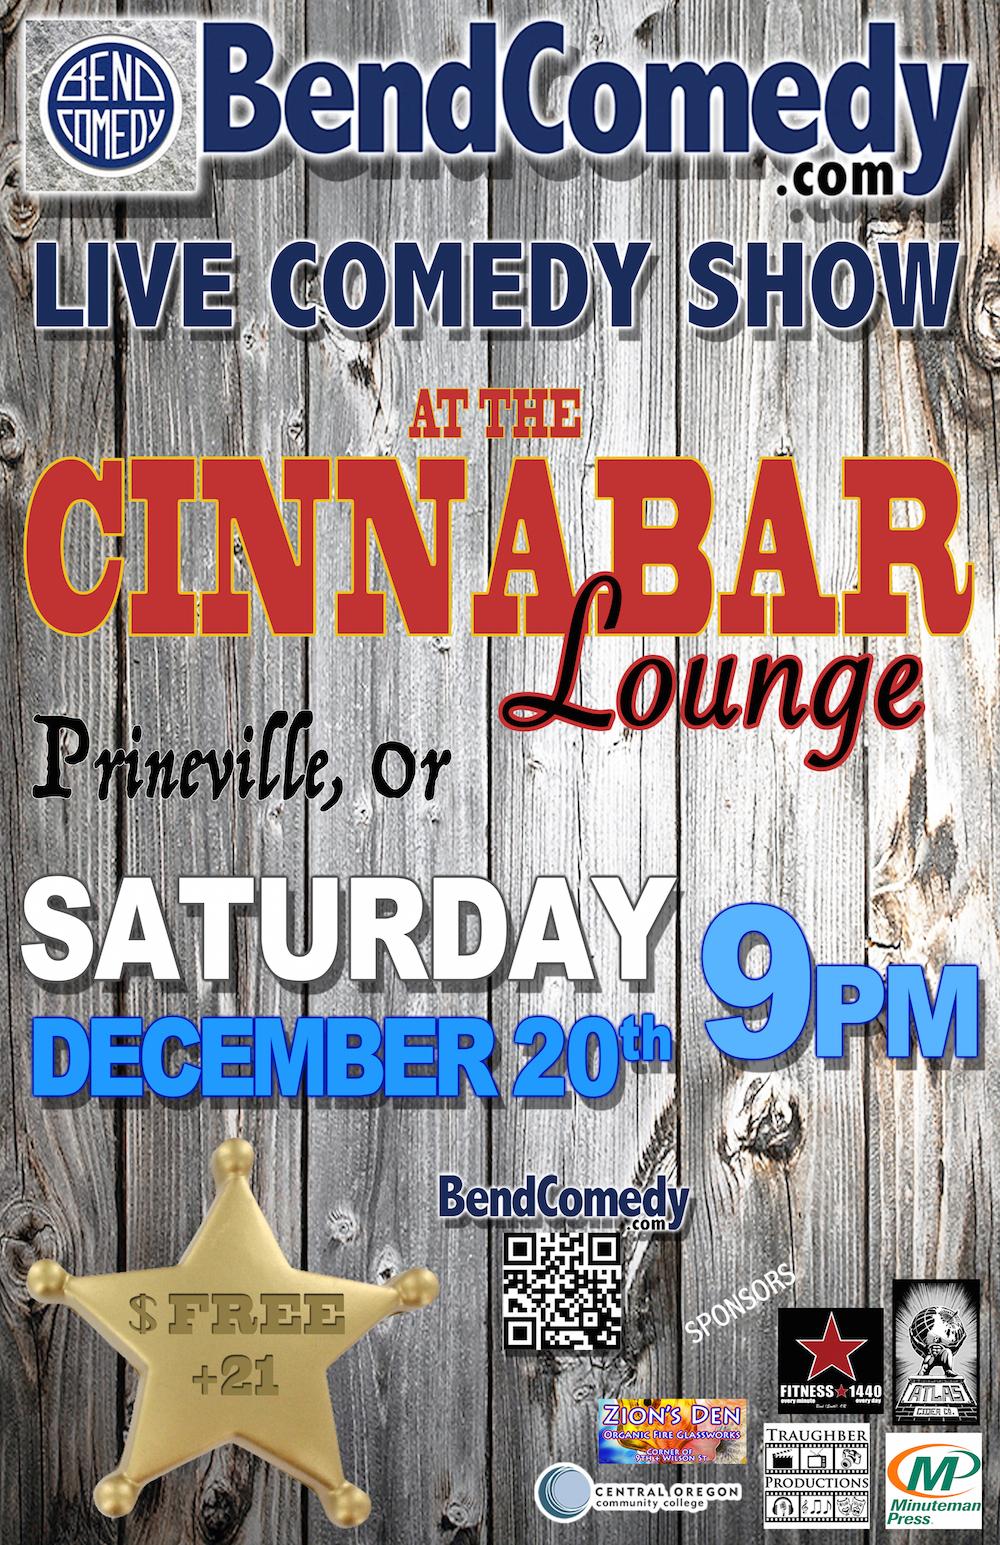 Cinnabar Poster - Dec 20